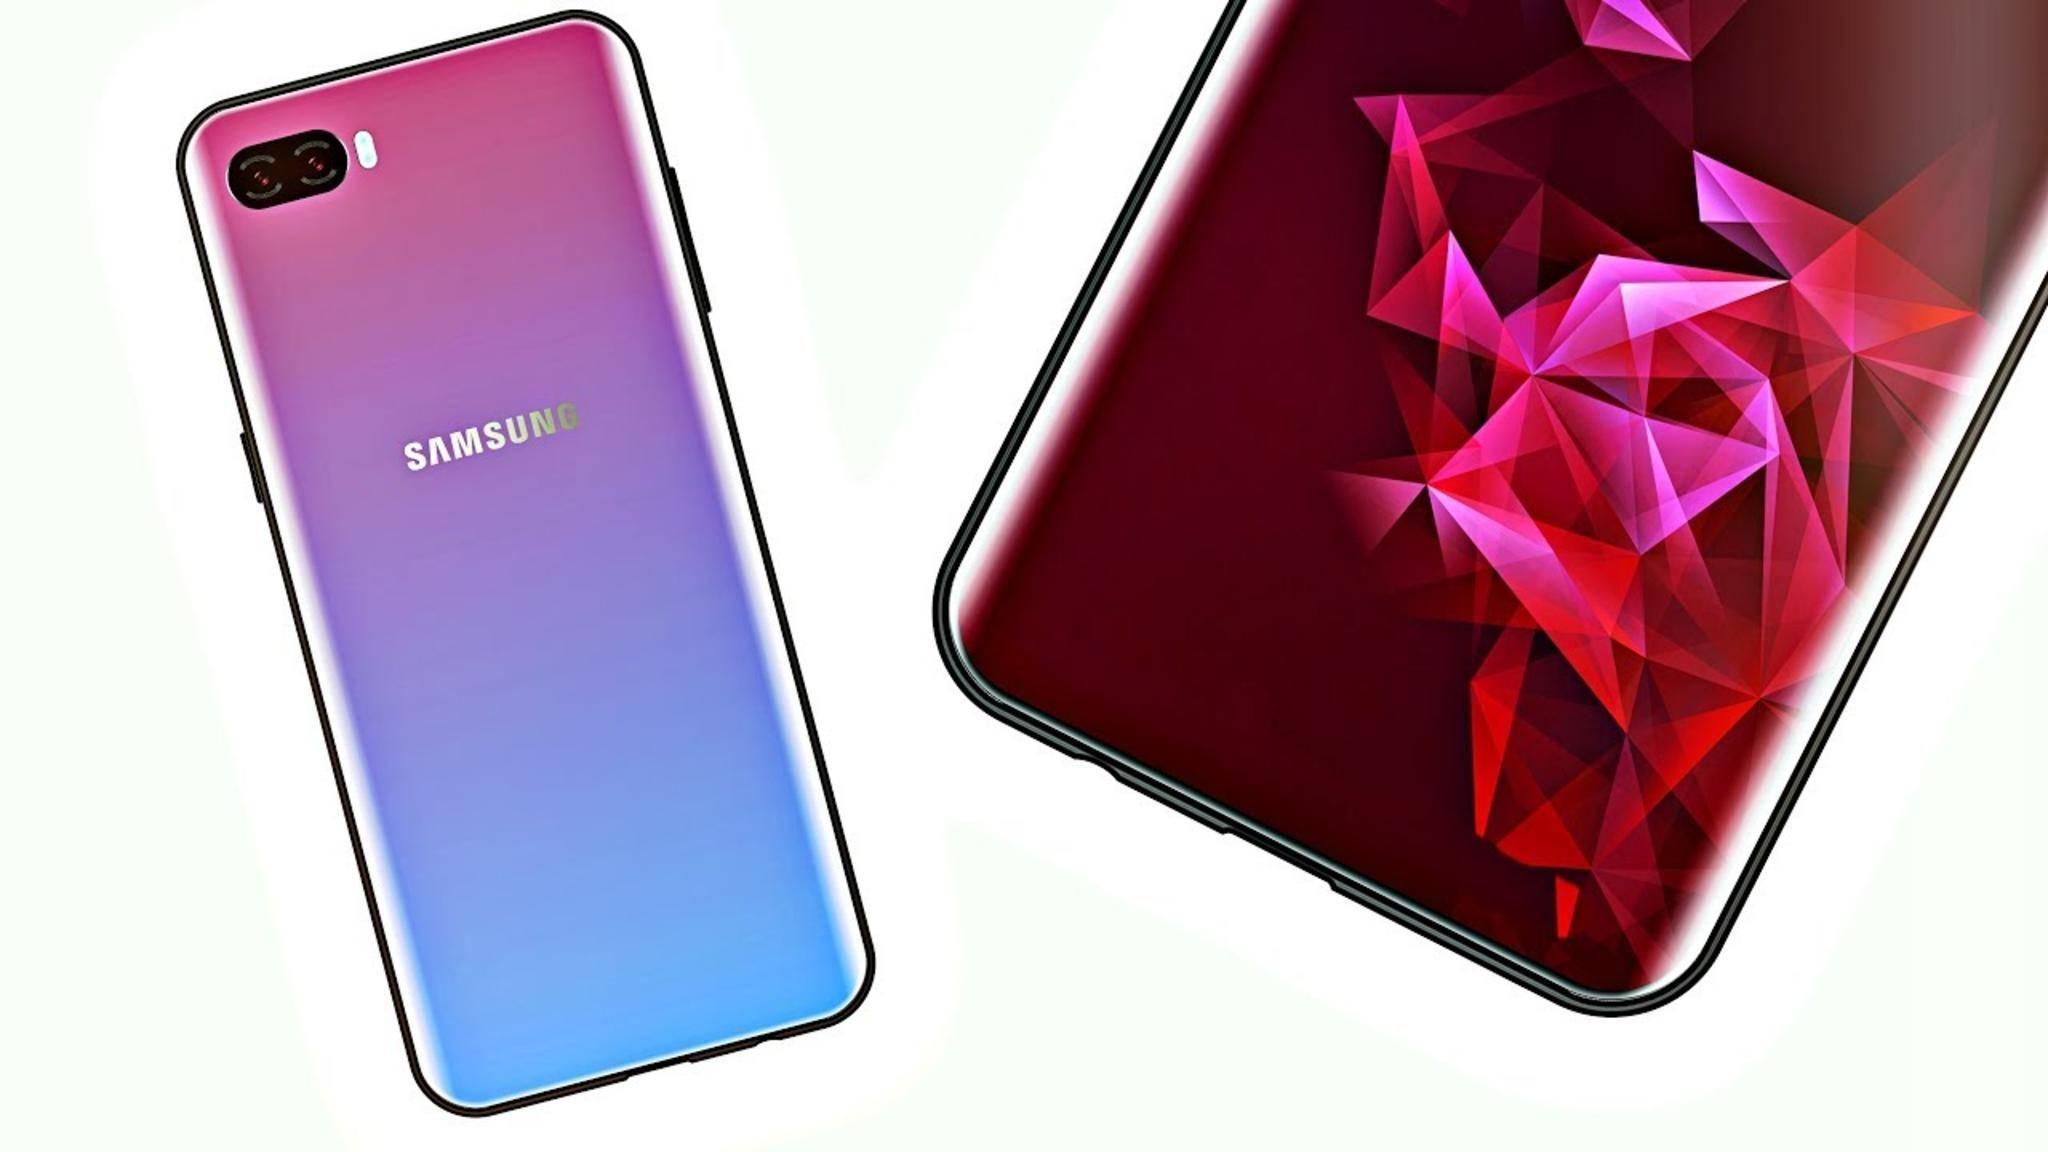 Das Galaxy S10 (Konzept) soll im Februar 2019 vorgestellt werden.